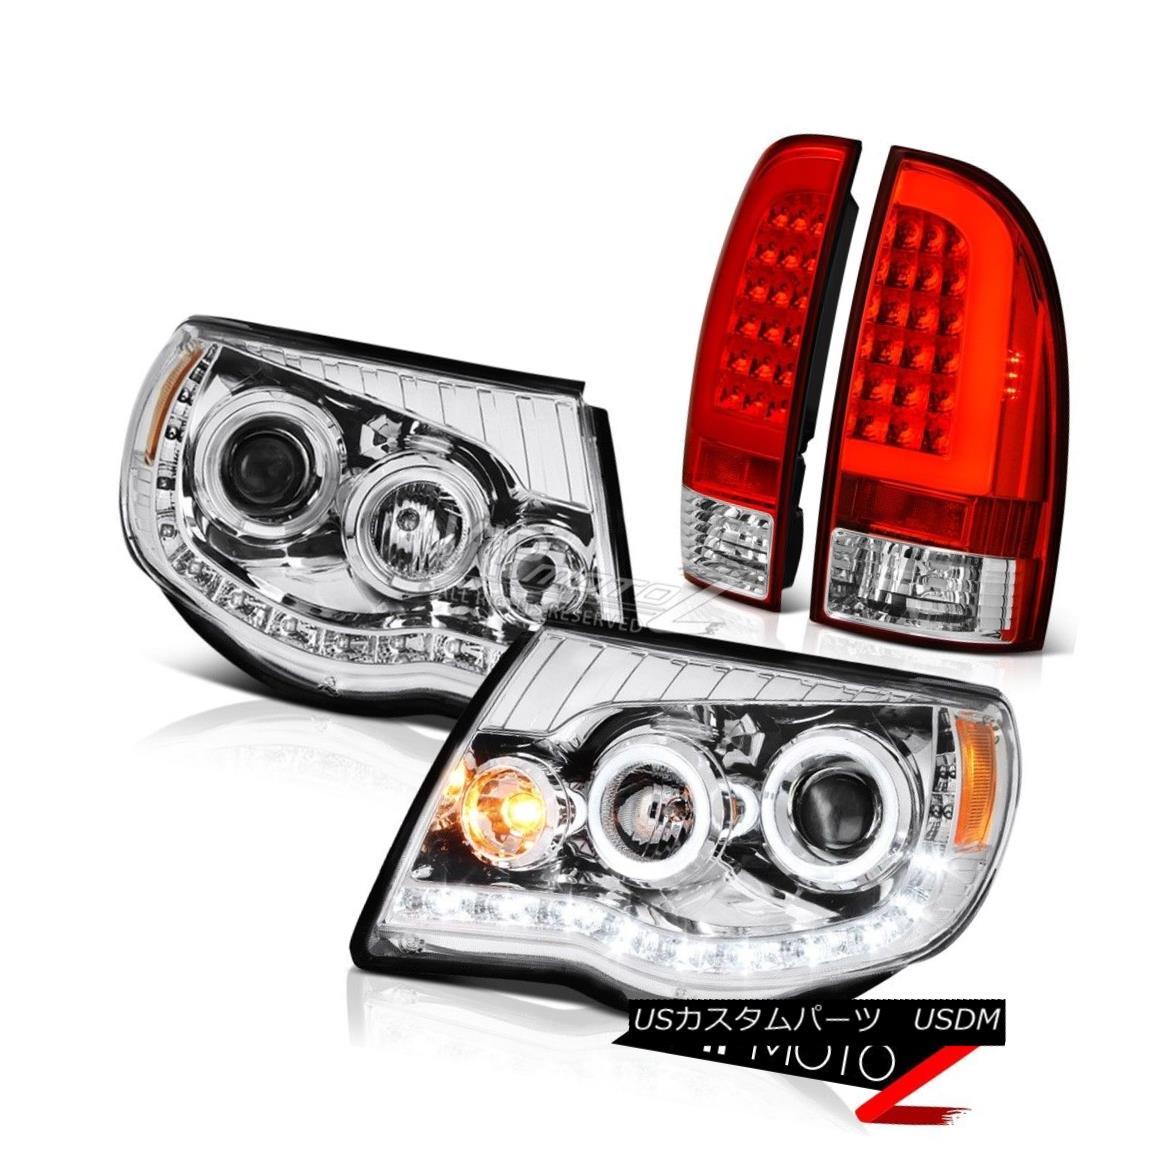 ヘッドライト 2005-2011 Toyota Tacoma Bloody Red Tail Euro Clear Head Lamps Replacement Pair 2005-2011 Toyota Tacoma Bloody Red Tailユーロクリアヘッドランプ交換ペア画像